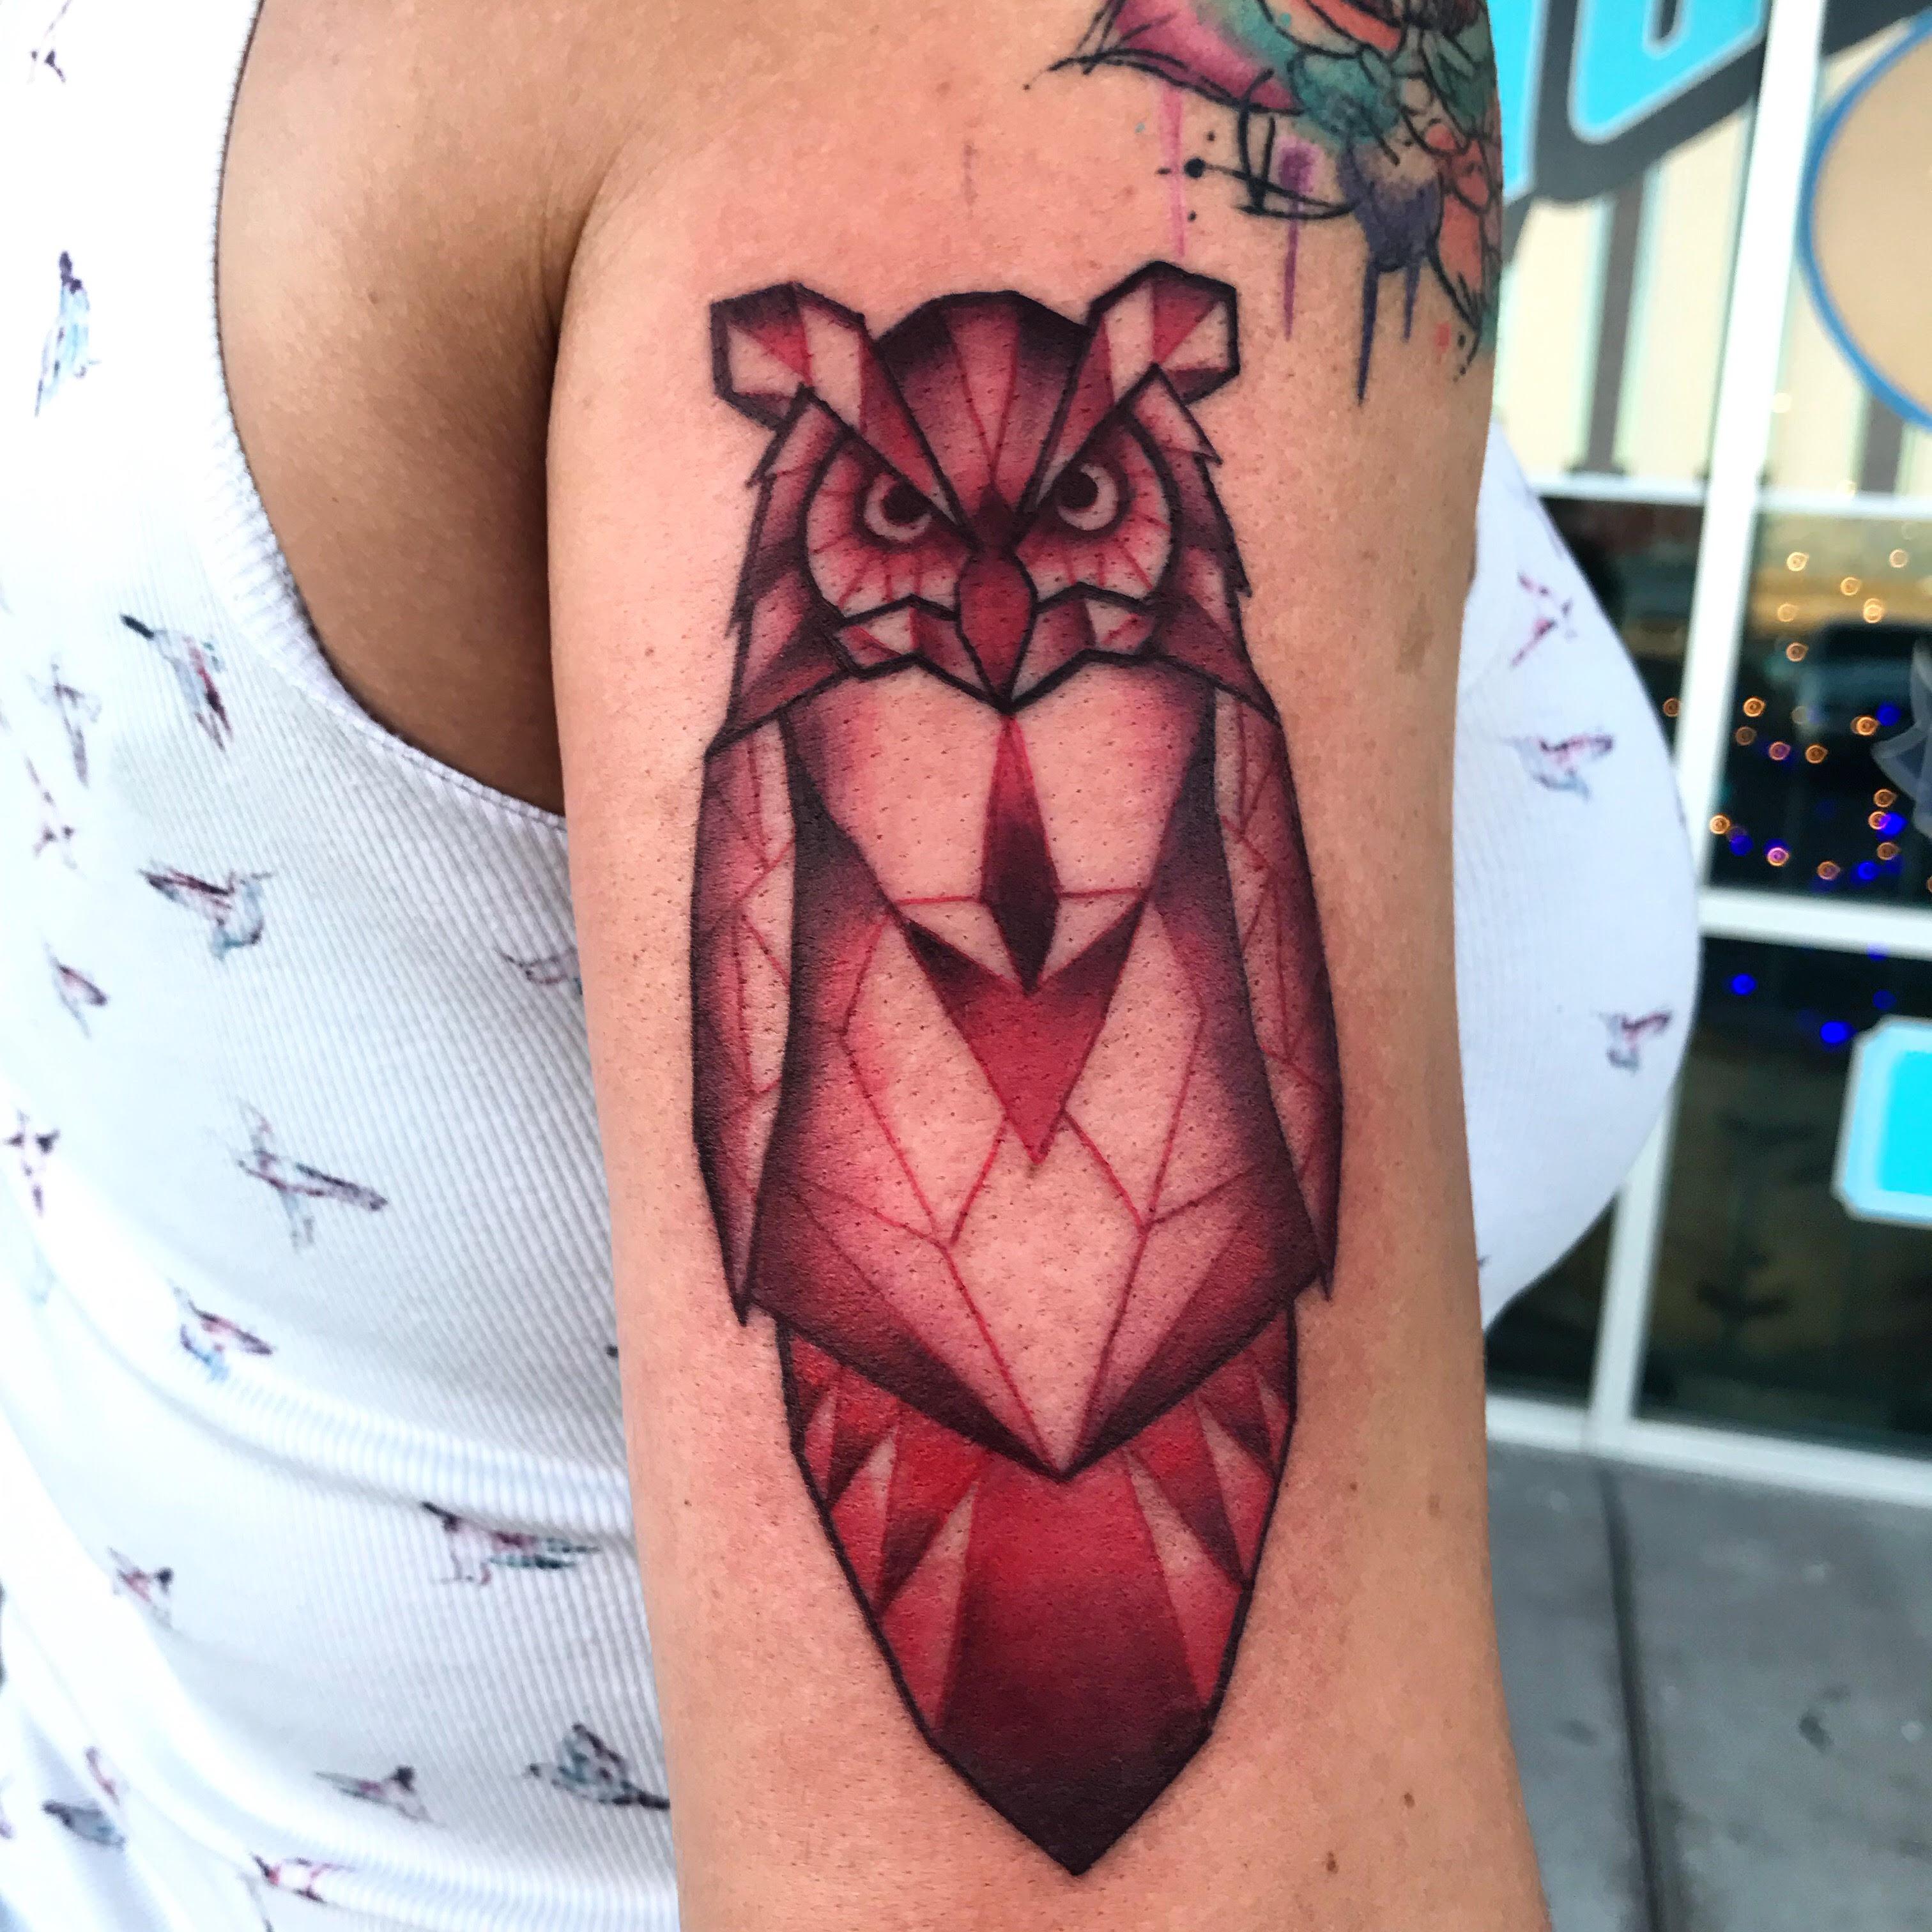 Geometric Owl Tattoo by Krystof